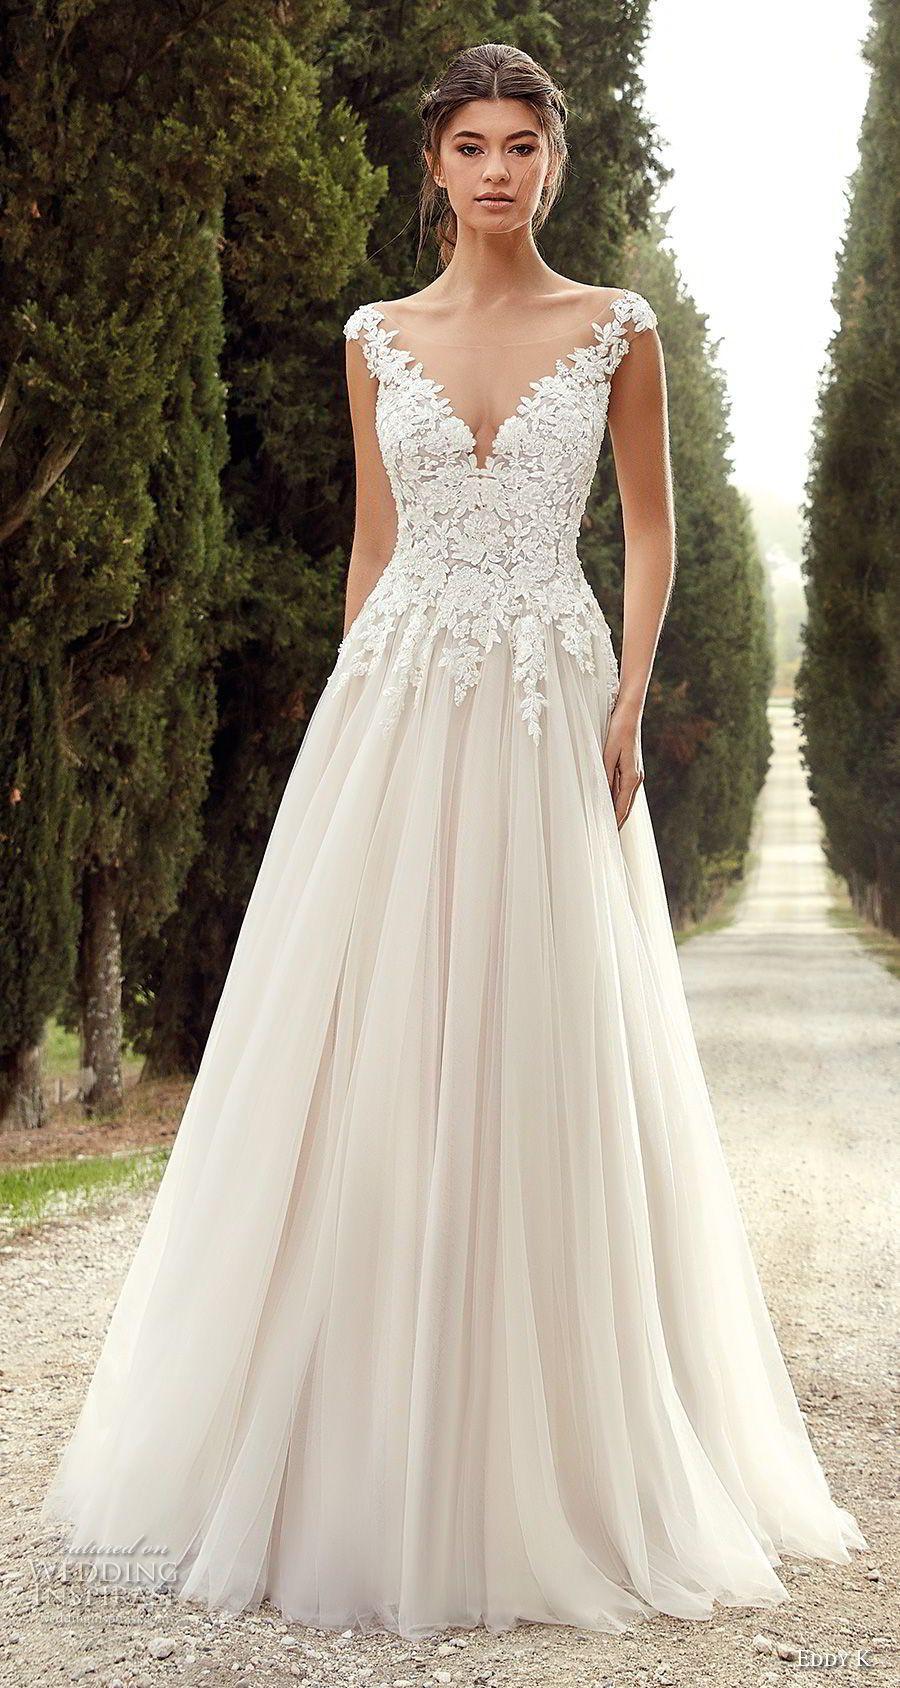 Hochzeitskleid 2019  Eddy K 2019 Brautkleider Hochzeit